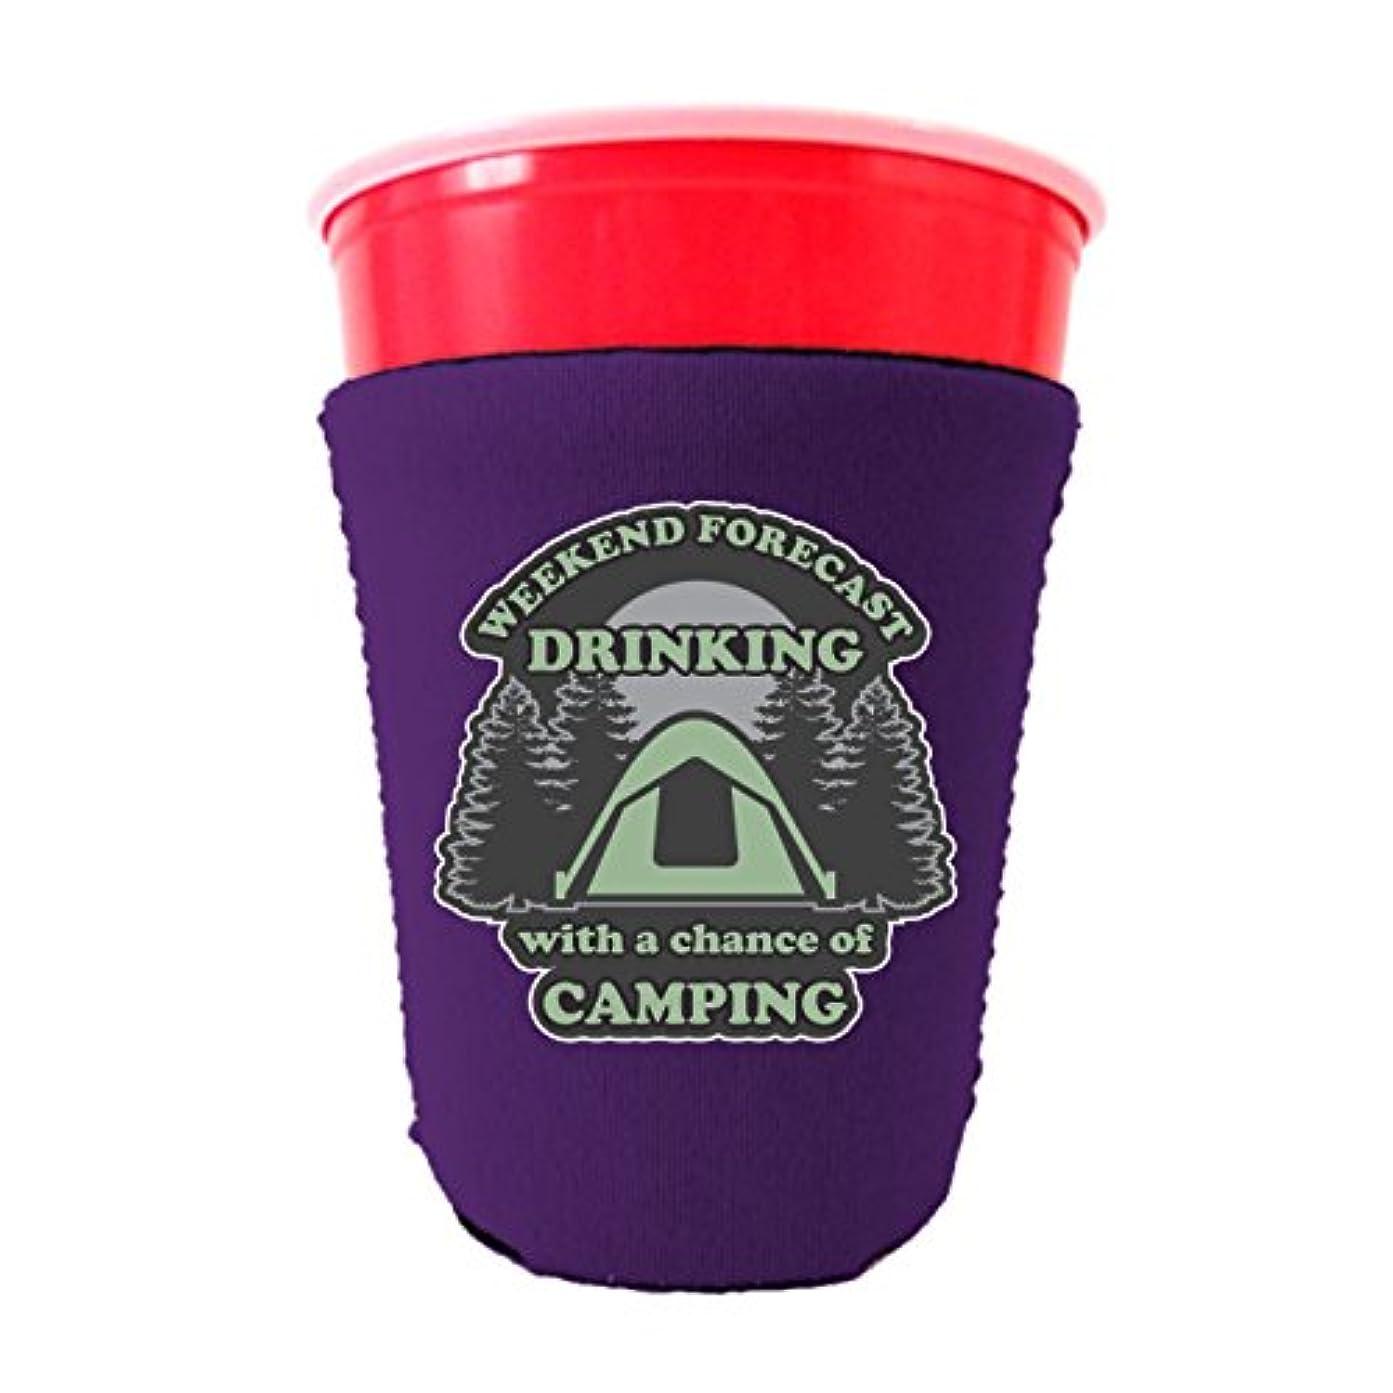 安全性カブ比べる週末予測Drinking with a Chance ofキャンプネオプレンCollapsibleソロカップクーリー 16-18 oz. Party Cup パープル WeekendForecastSoloPurple